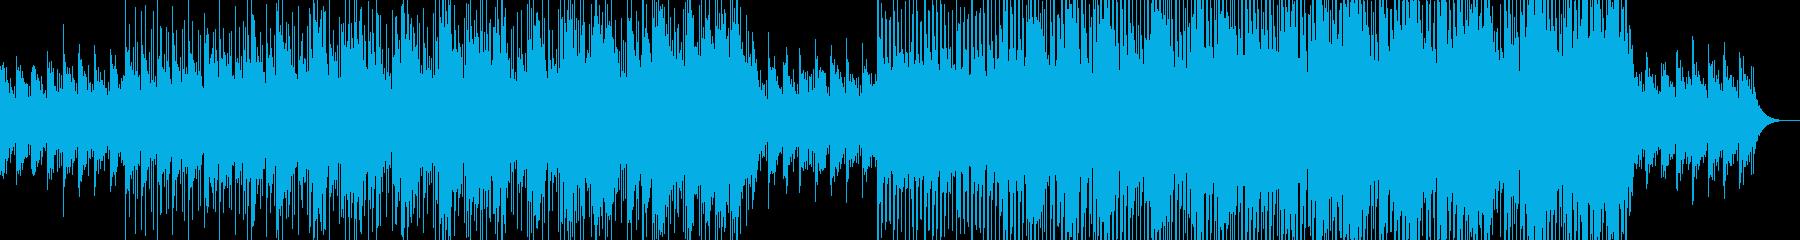 明るく爽やかなメロディの透明感のある曲の再生済みの波形